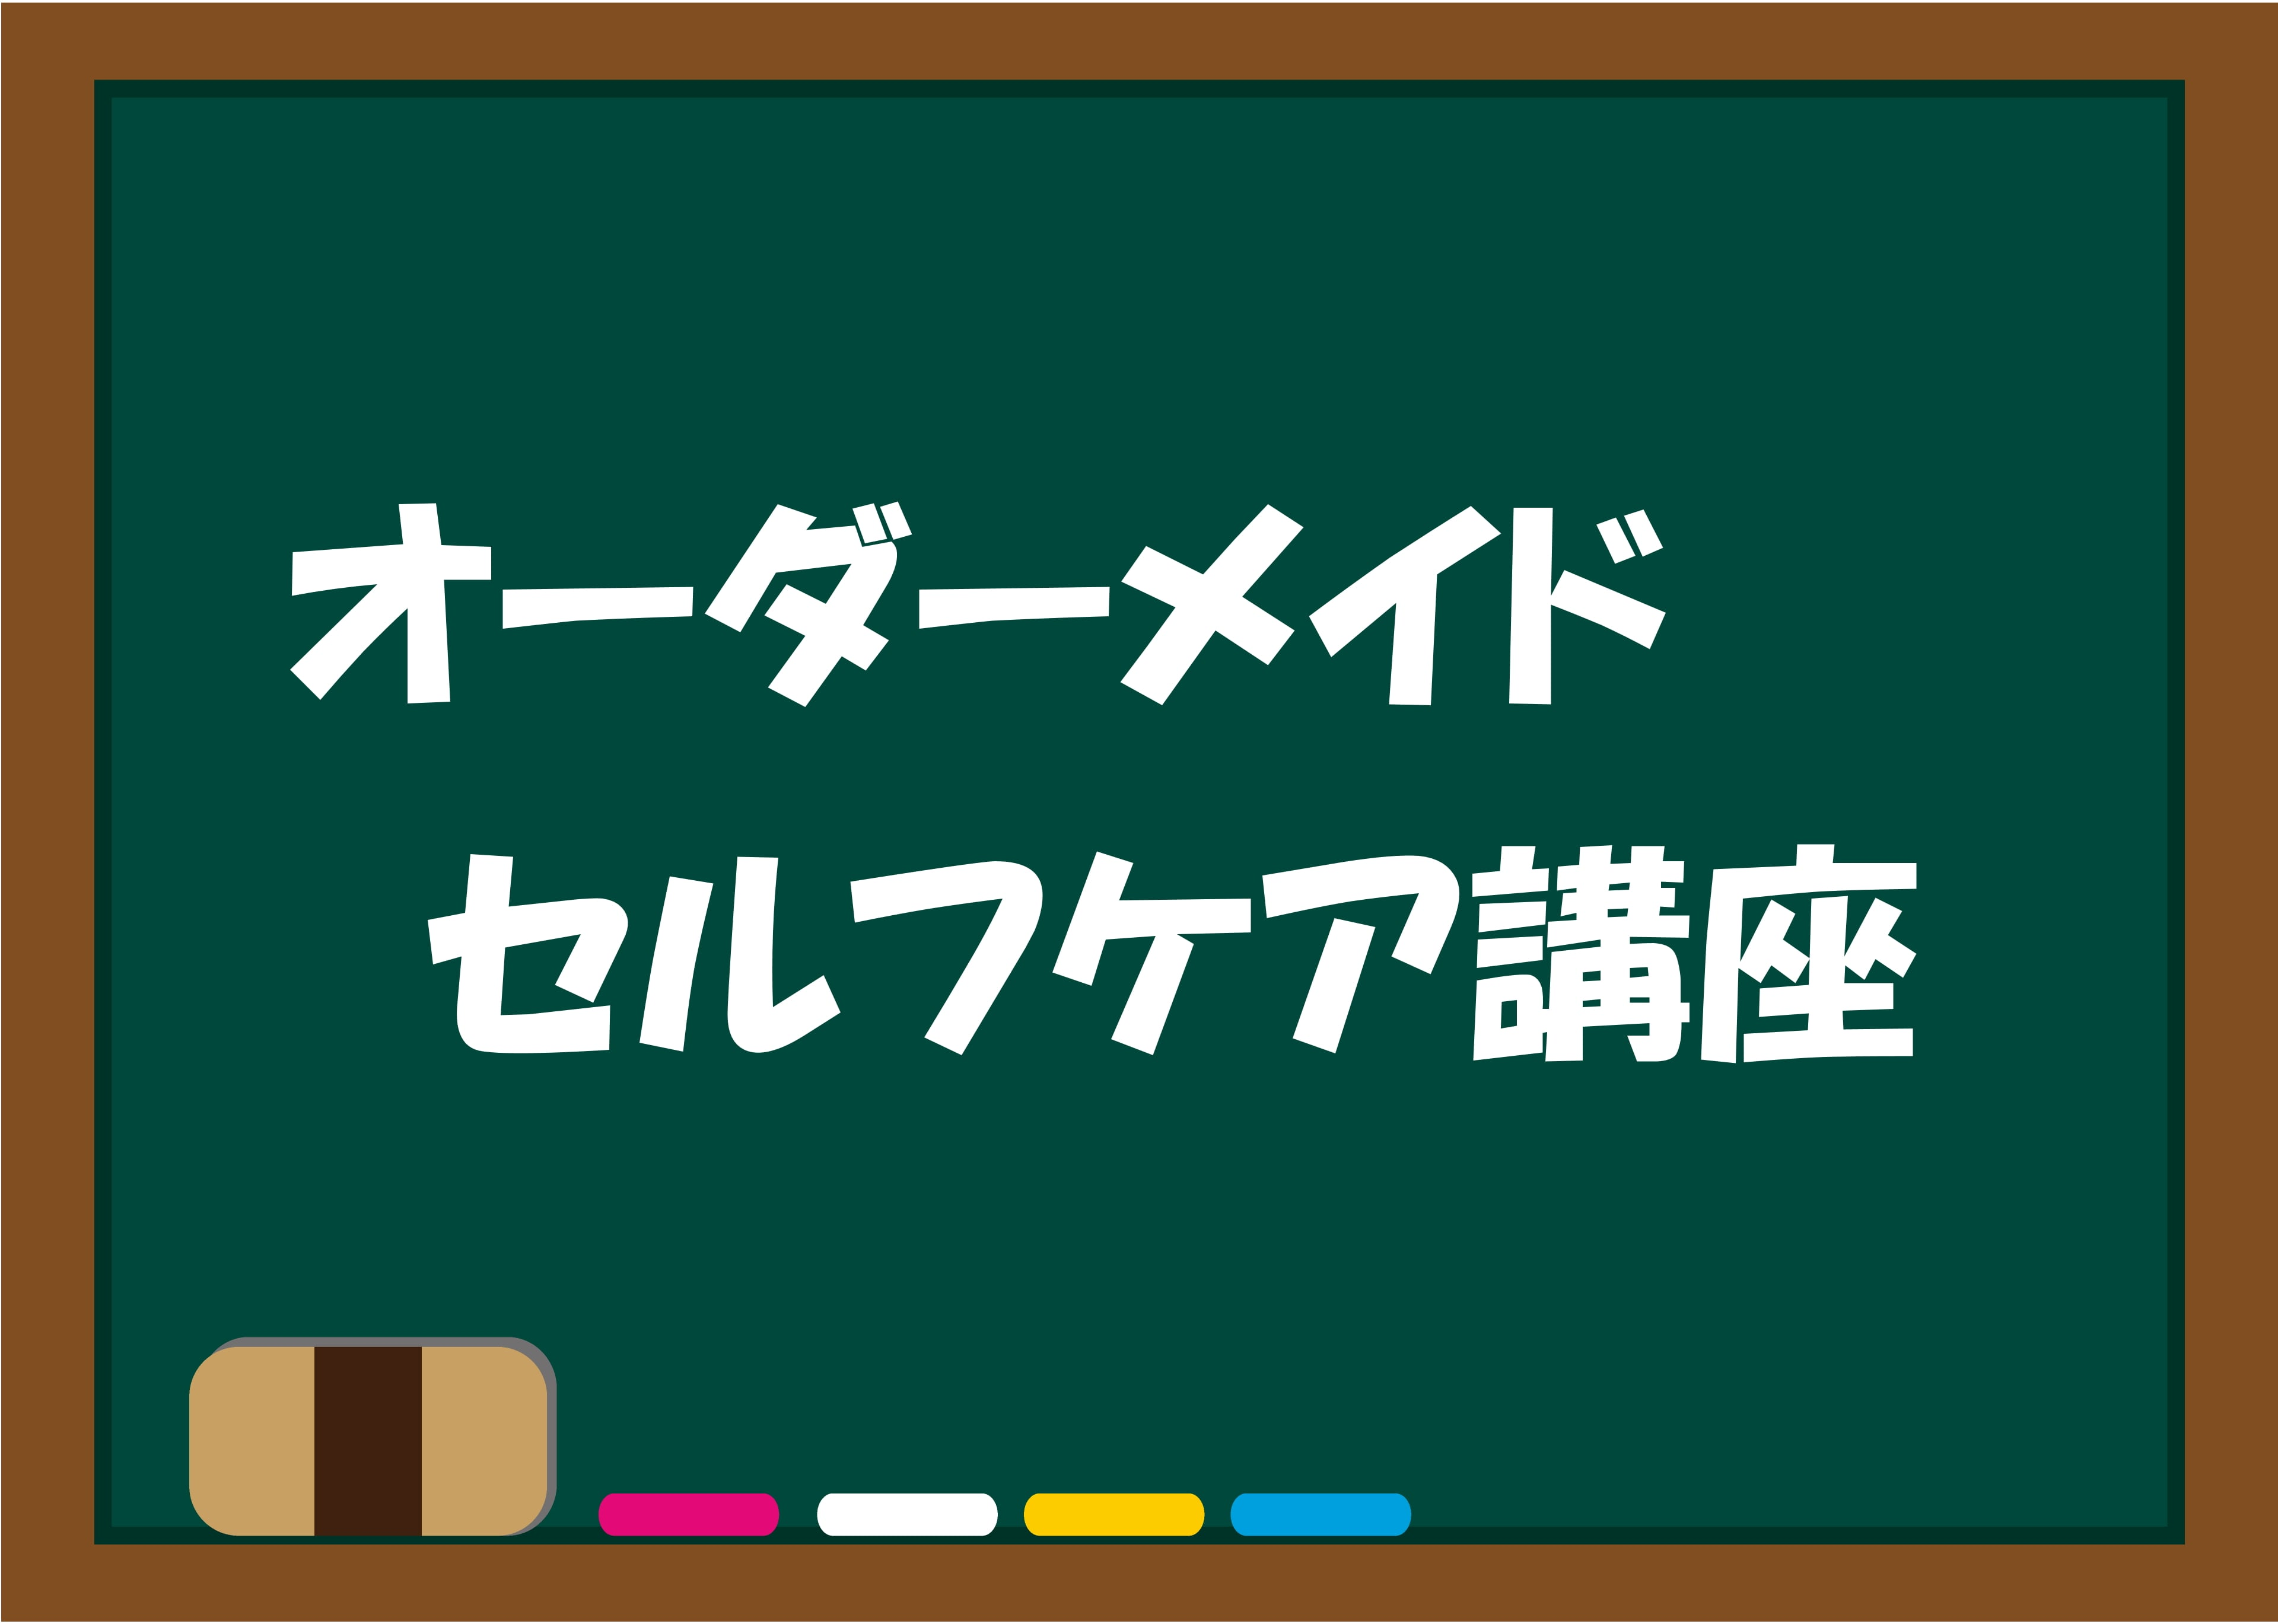 【ワンコイン】オーダーメイド■オンラインセルフケア教室■高ポイント還元のイメージその1